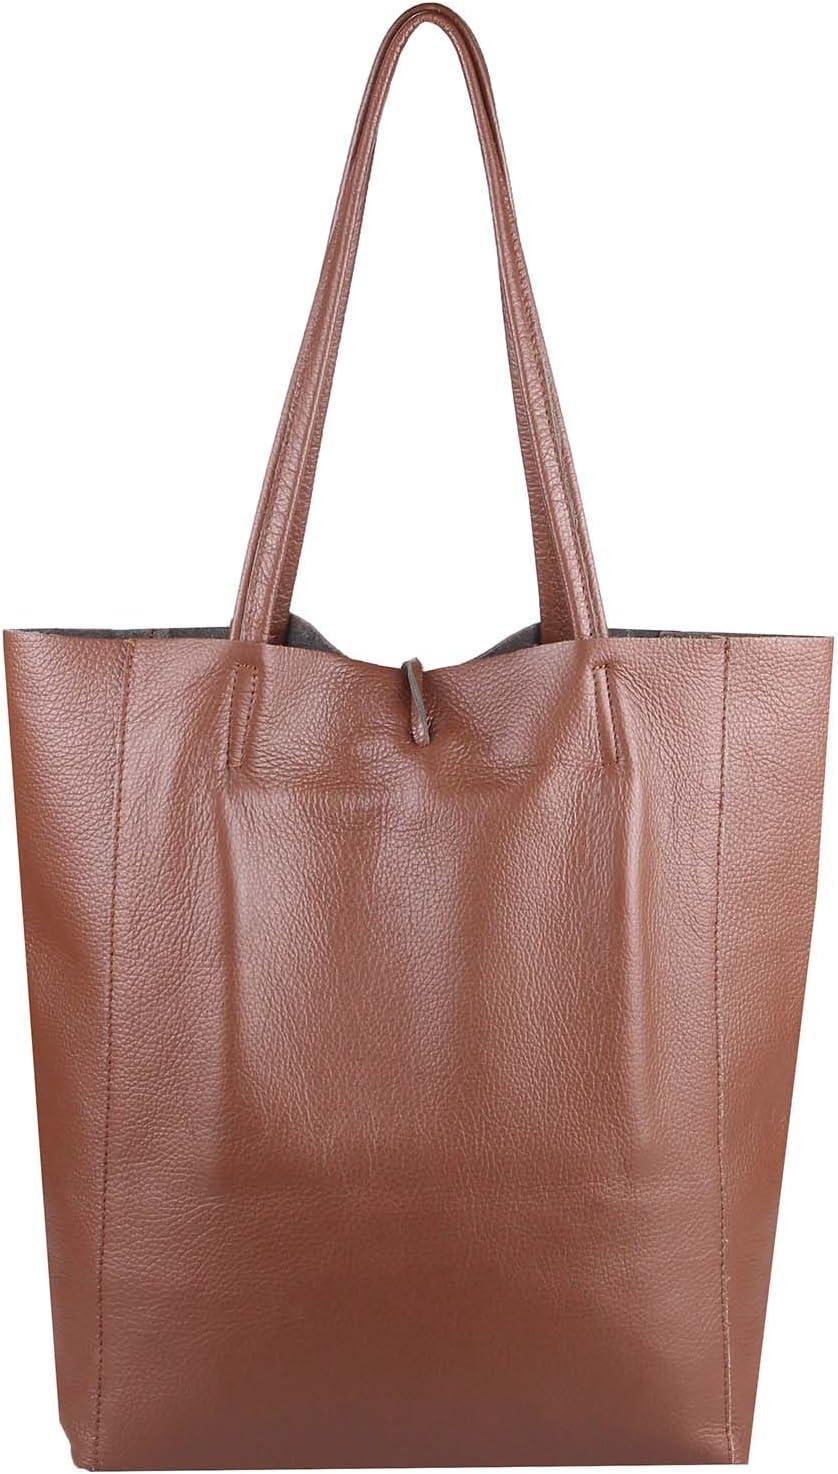 OBC Made in Italy Damen Tasche Echtes Leder Din-A4 Shopper Tote Bag Henkeltasche Handtasche Umhängetasche Schultertasche Flechtoptik Rot Braun 36x40x12 Cm